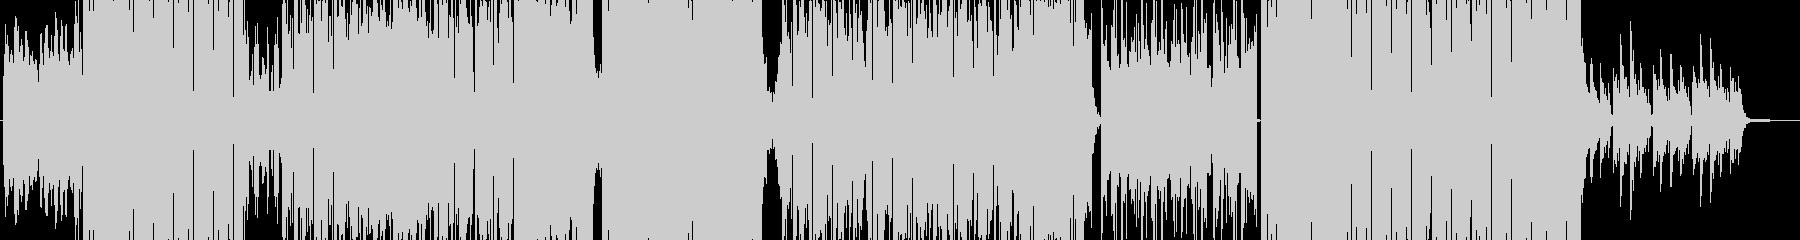 切ない旋律×エモーショナルなEDMの王道の未再生の波形